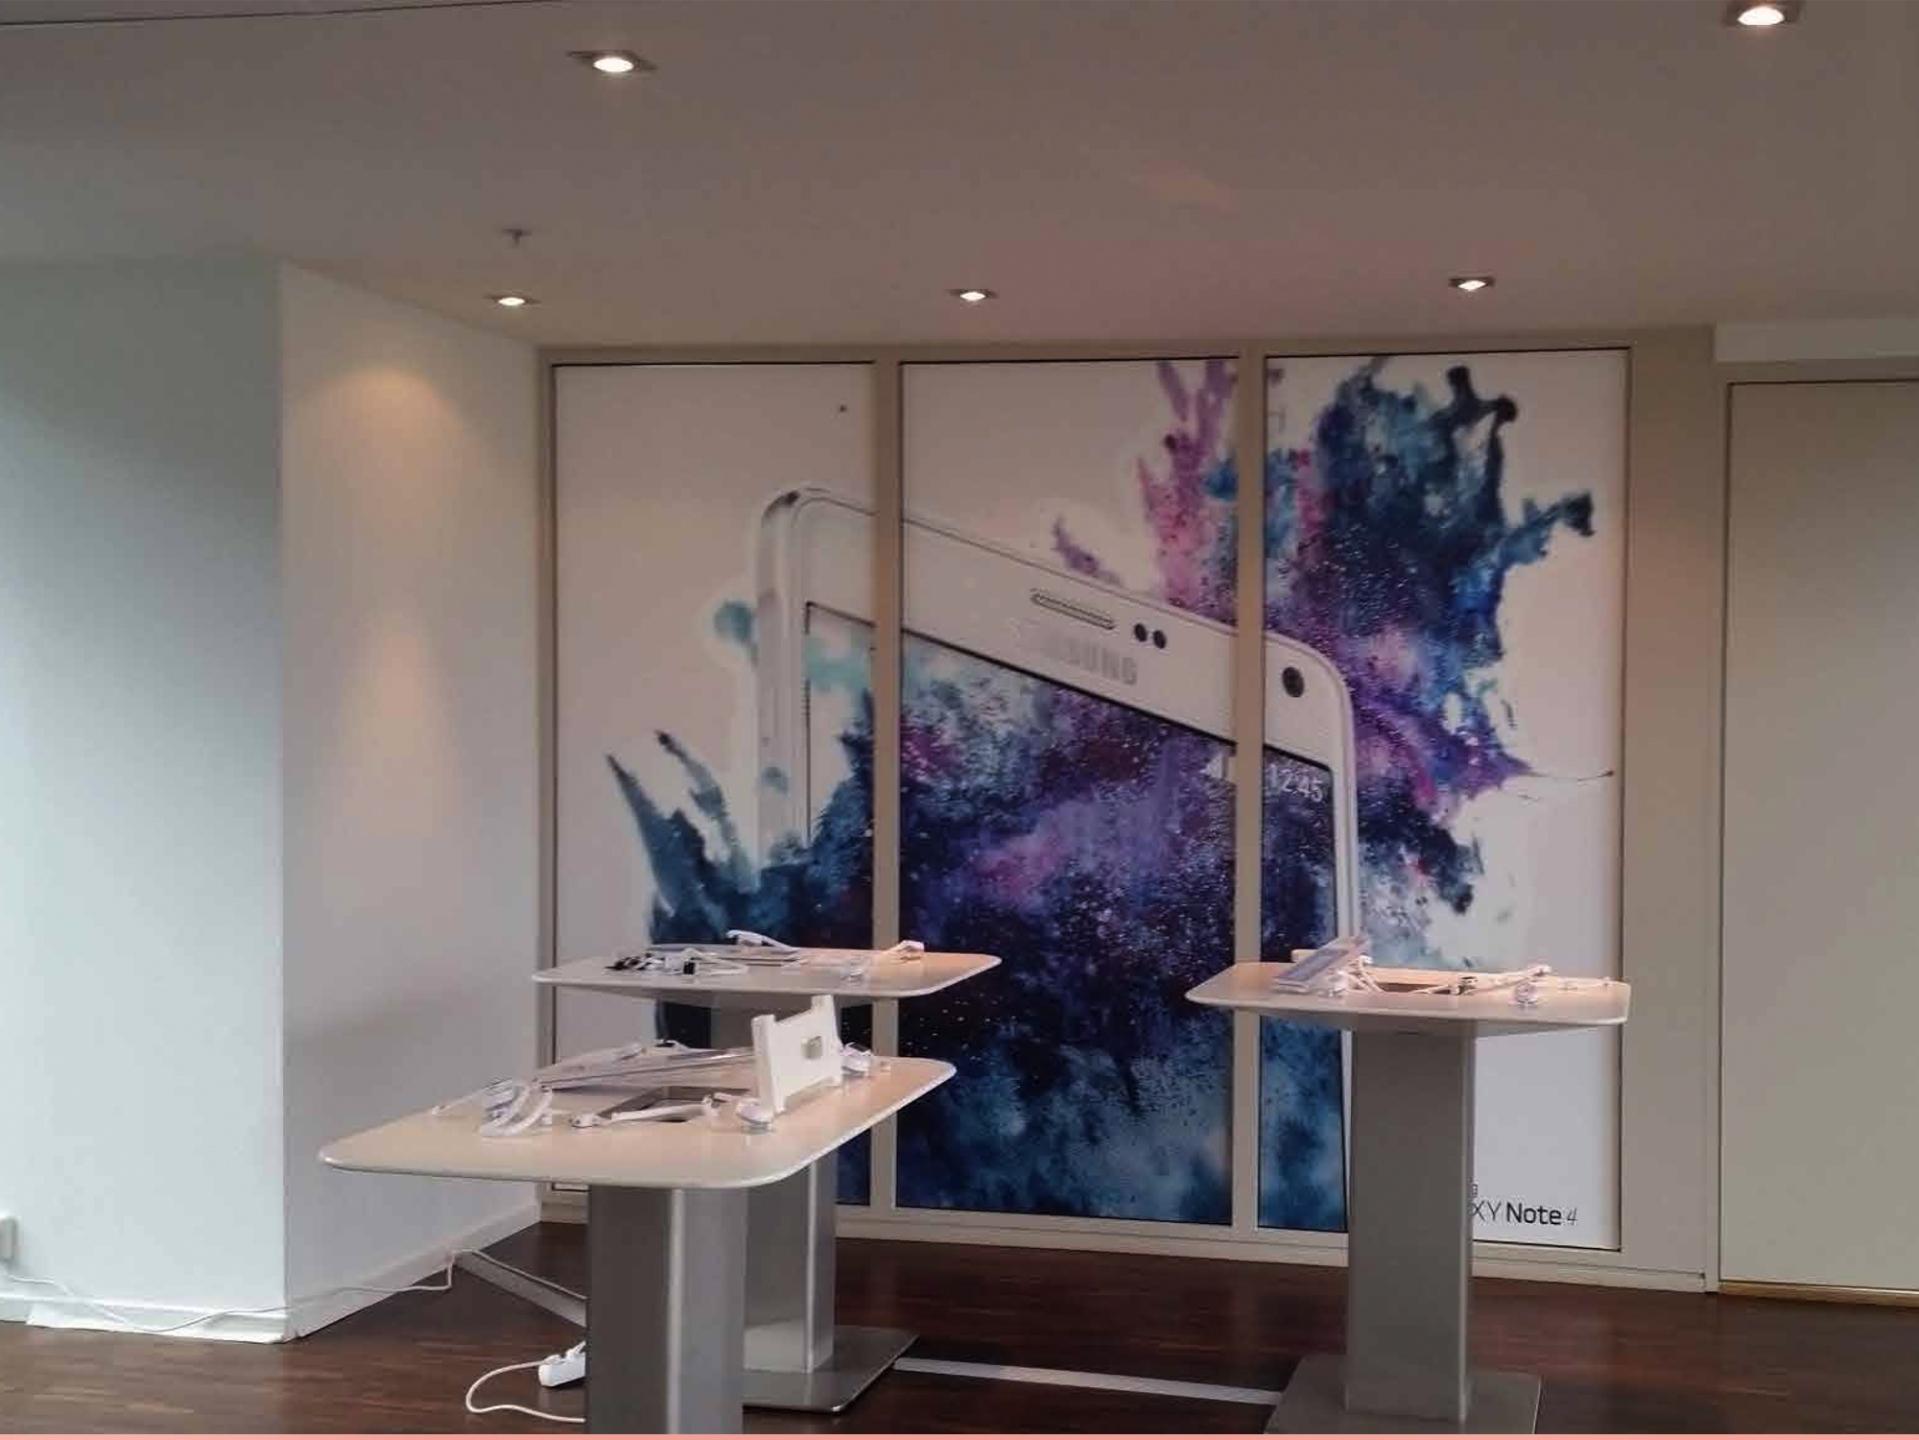 Samsung-GalaxyNote4-img-002